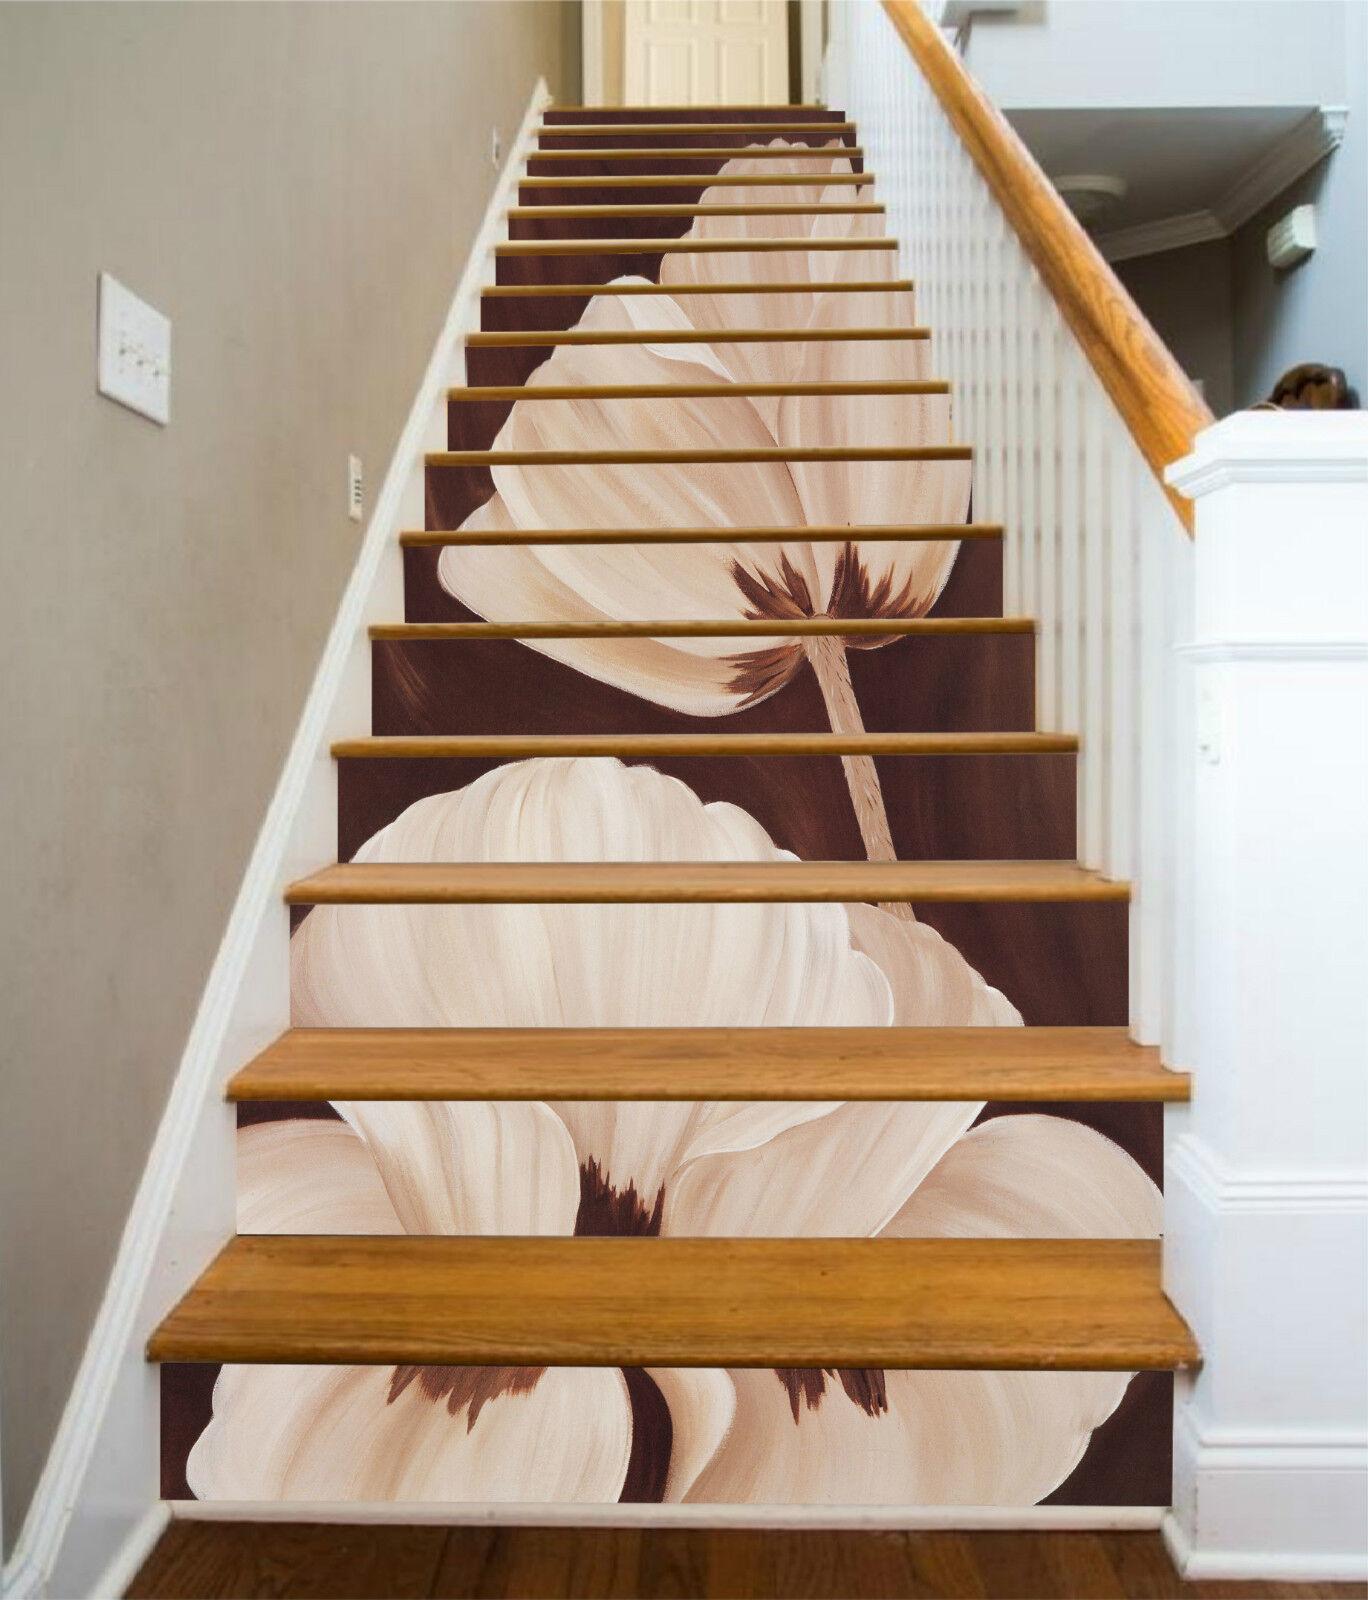 3D Weiße Blaumen 544 Stair Risers Dekoration Fototapete Vinyl Aufkleber Tapete DE